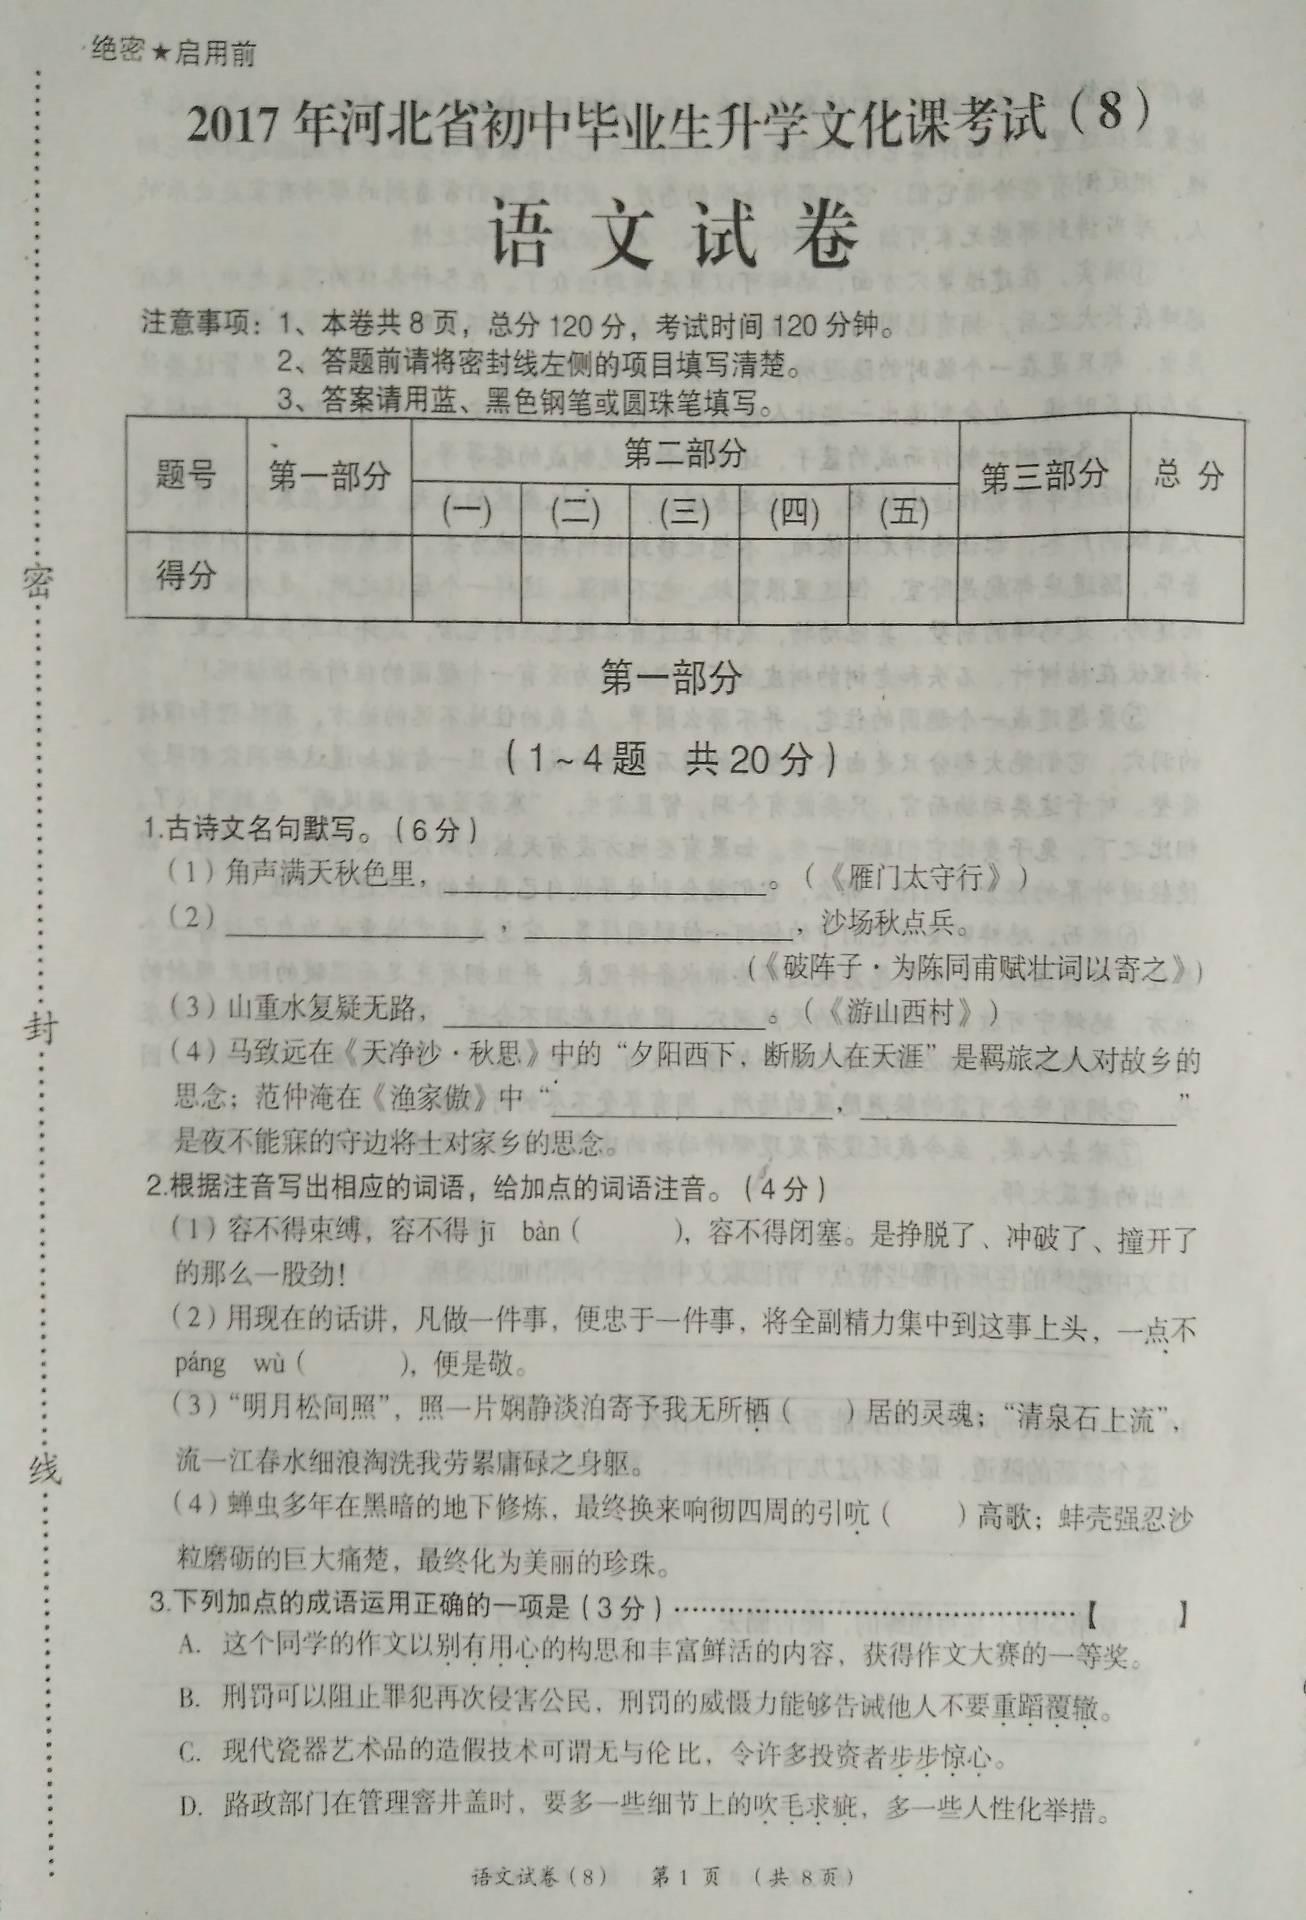 2017届河北九年级下初中毕业生升学文化课(8)语文试题(Word版)